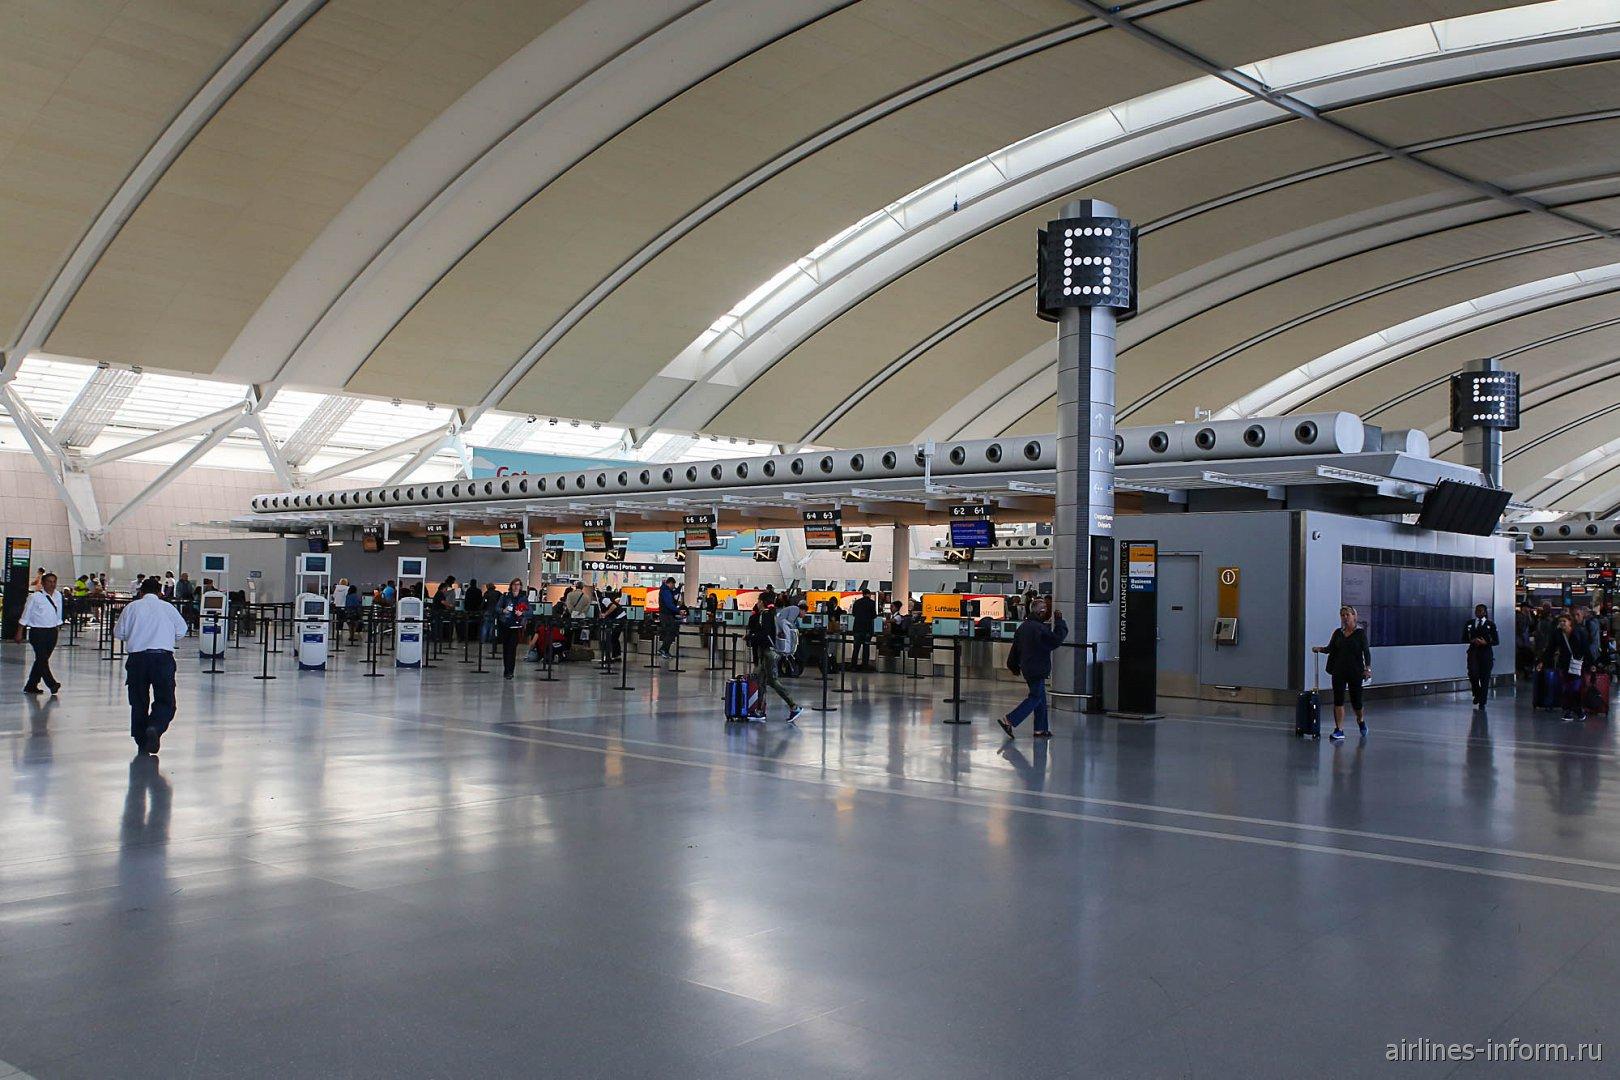 Стойки регистрации в терминале 1 аэропорта Торонто Пирсон